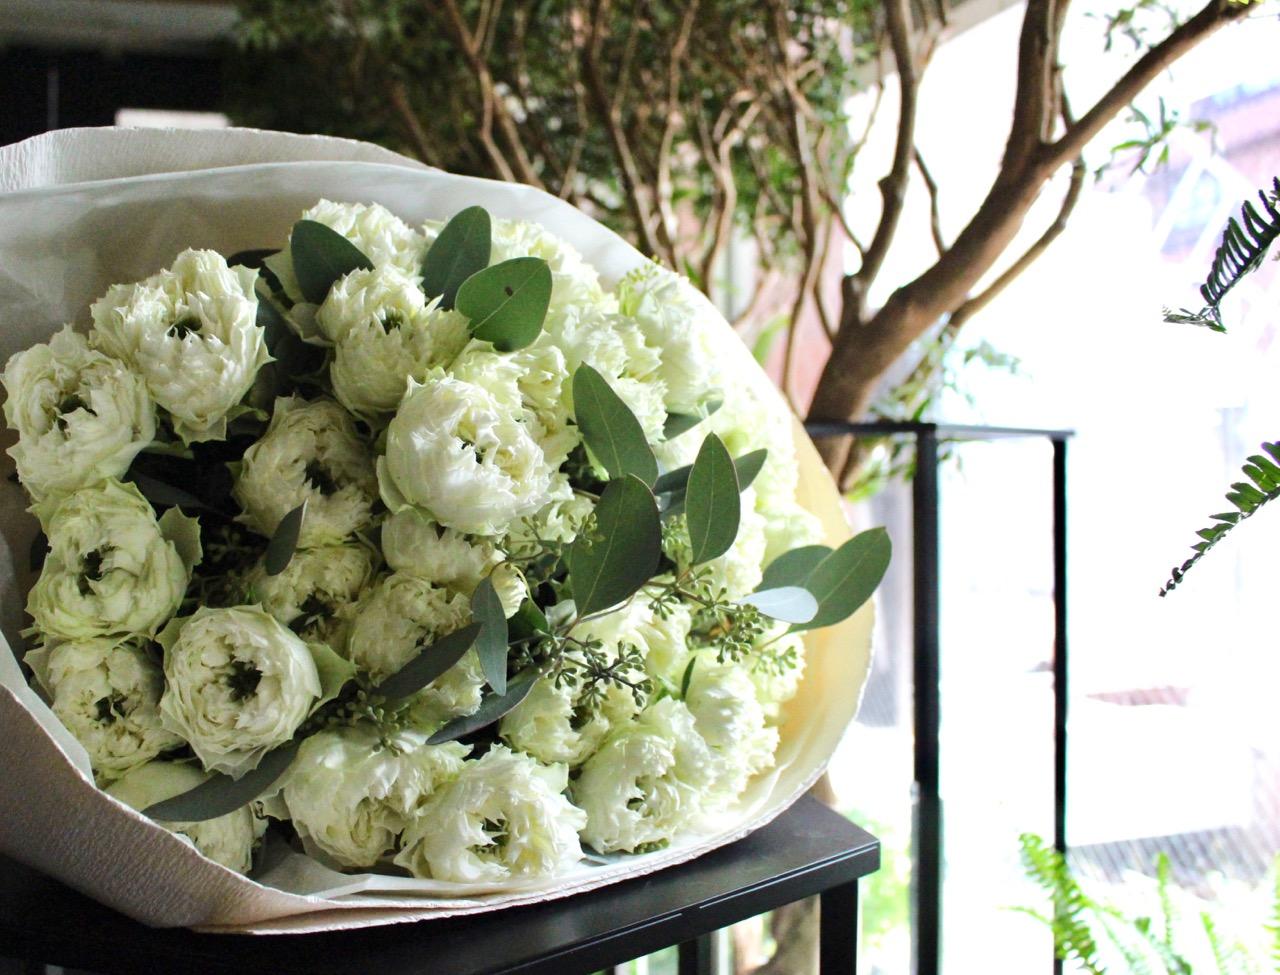 ★ 白玉 〜これこそ優雅!不変の王道、ホワイト&グリーンをモダンでシンプルに束ねました。 〜  [ 特選花束 2L size ]   都心エリア限定配送